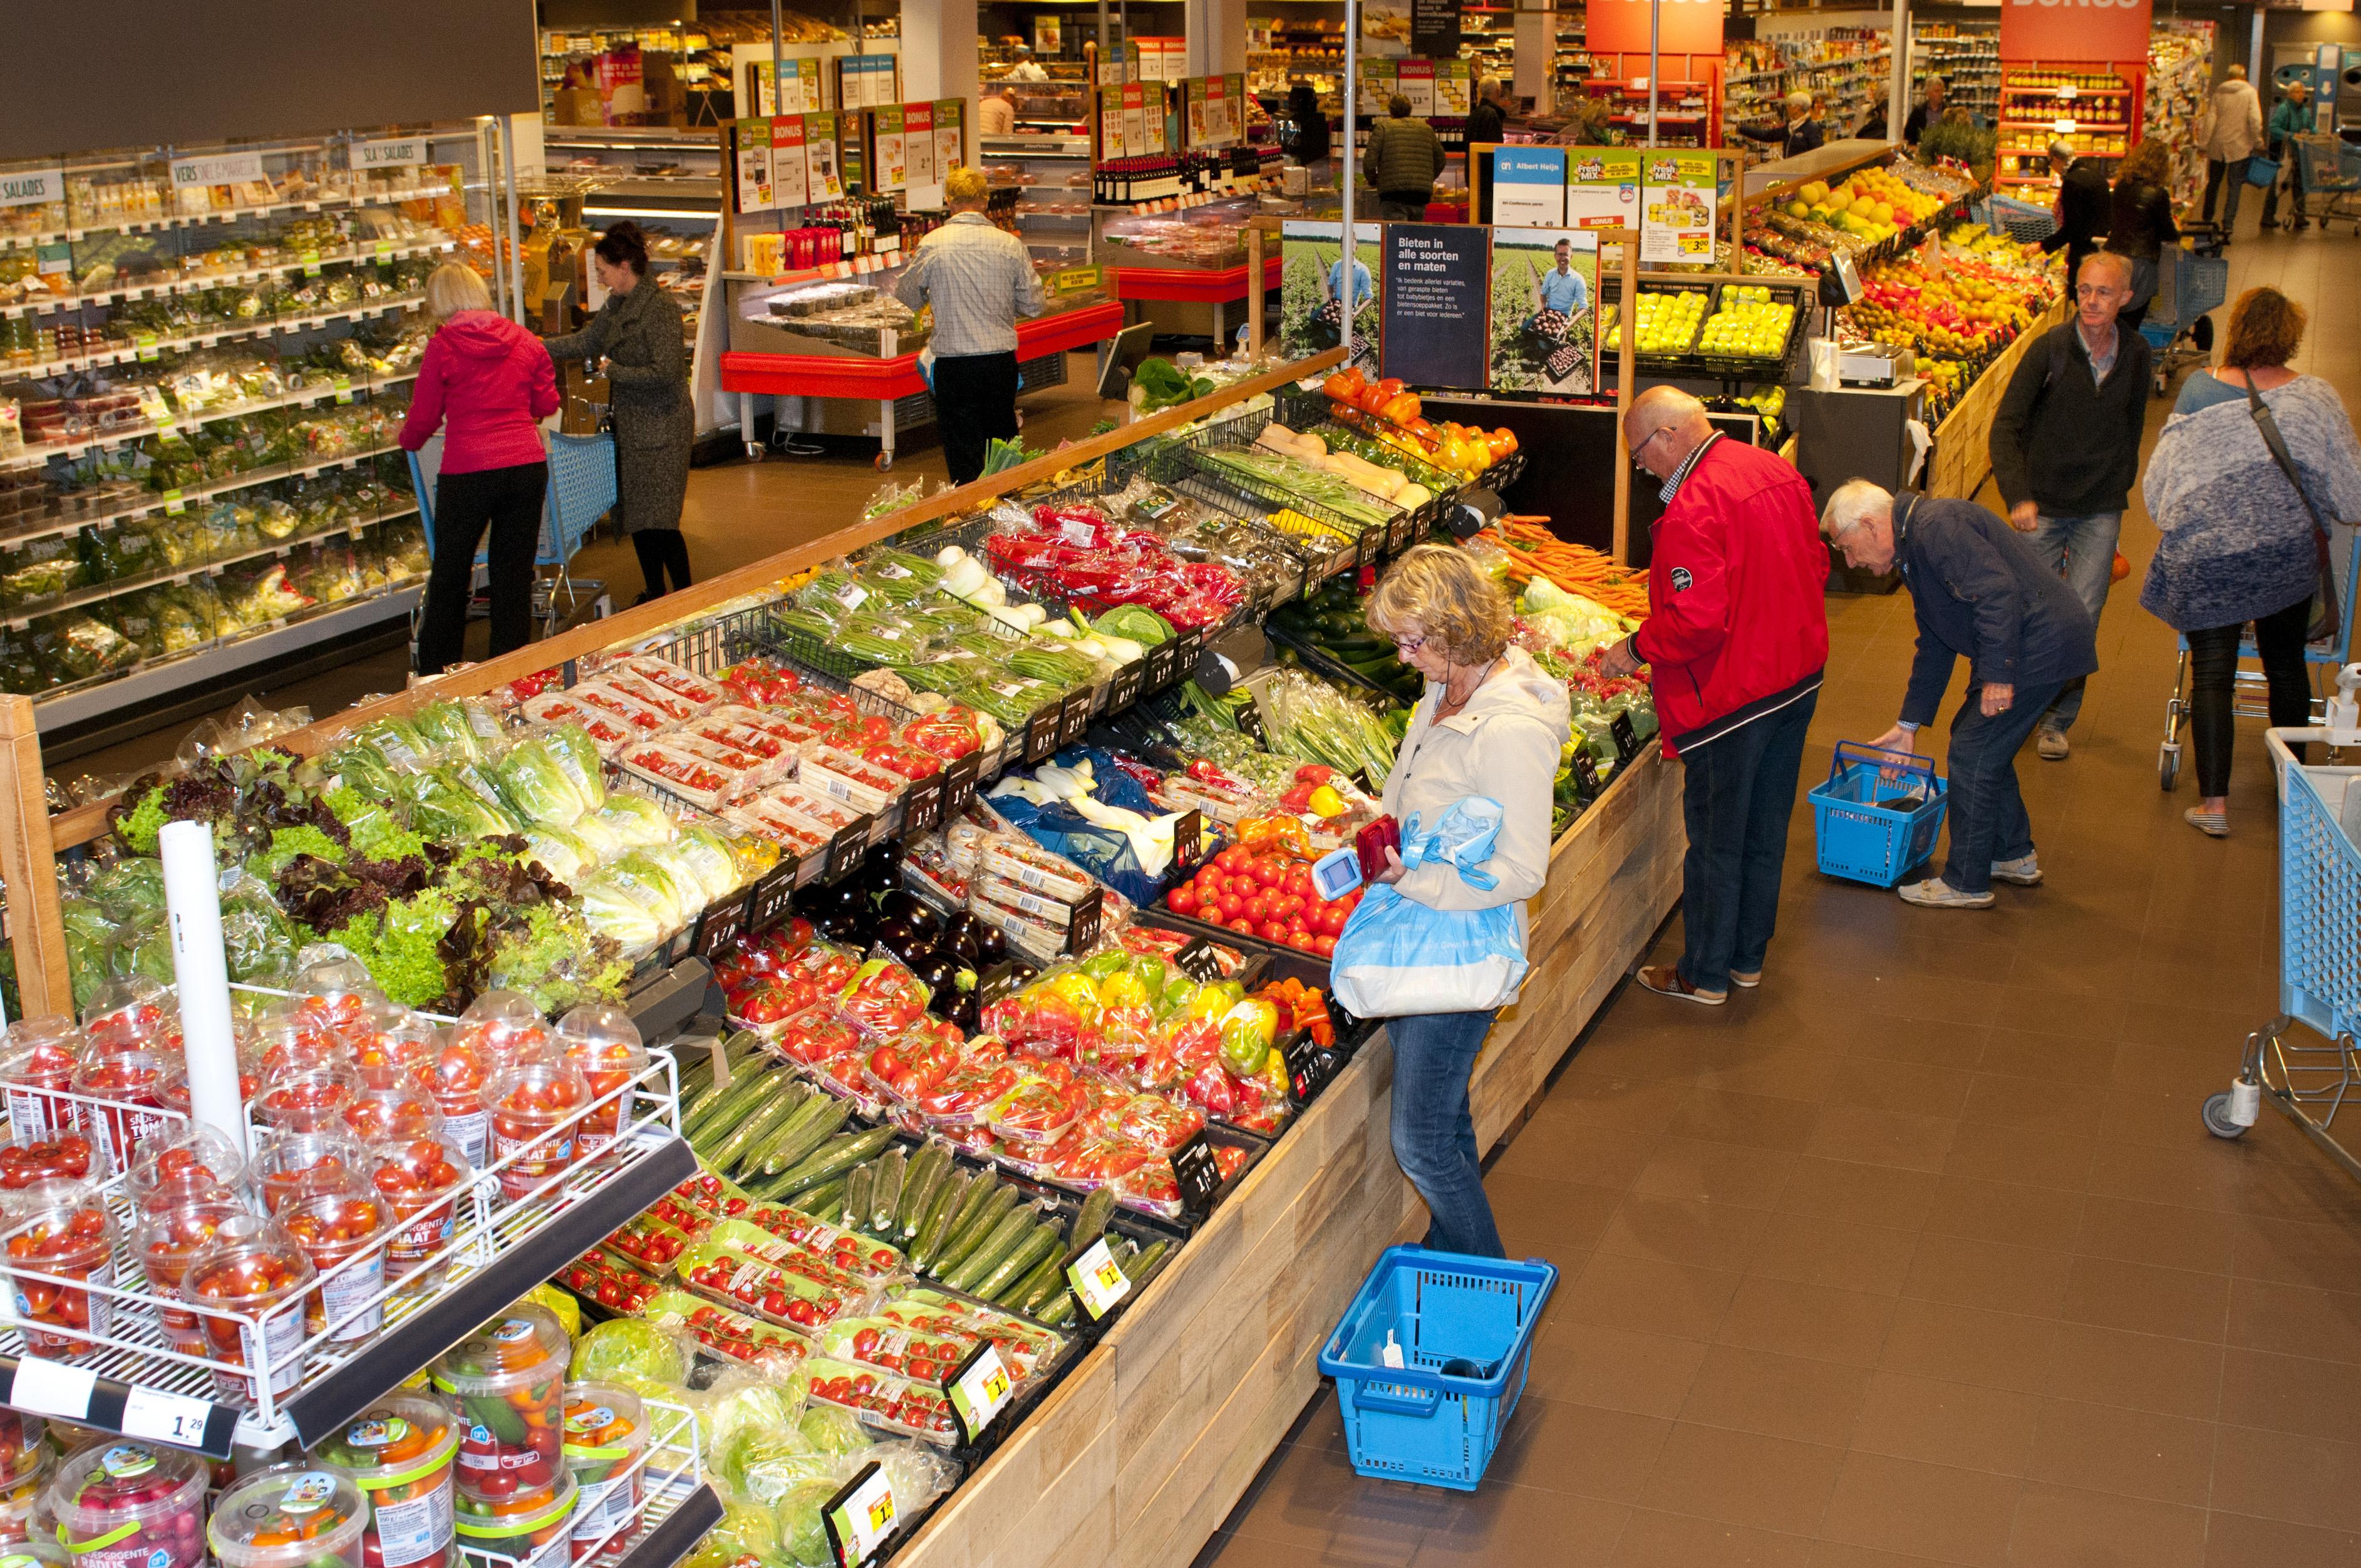 Overzicht van de agf-afdeling van Albert Heijn in Castricum. Foto: Wick Natzijl